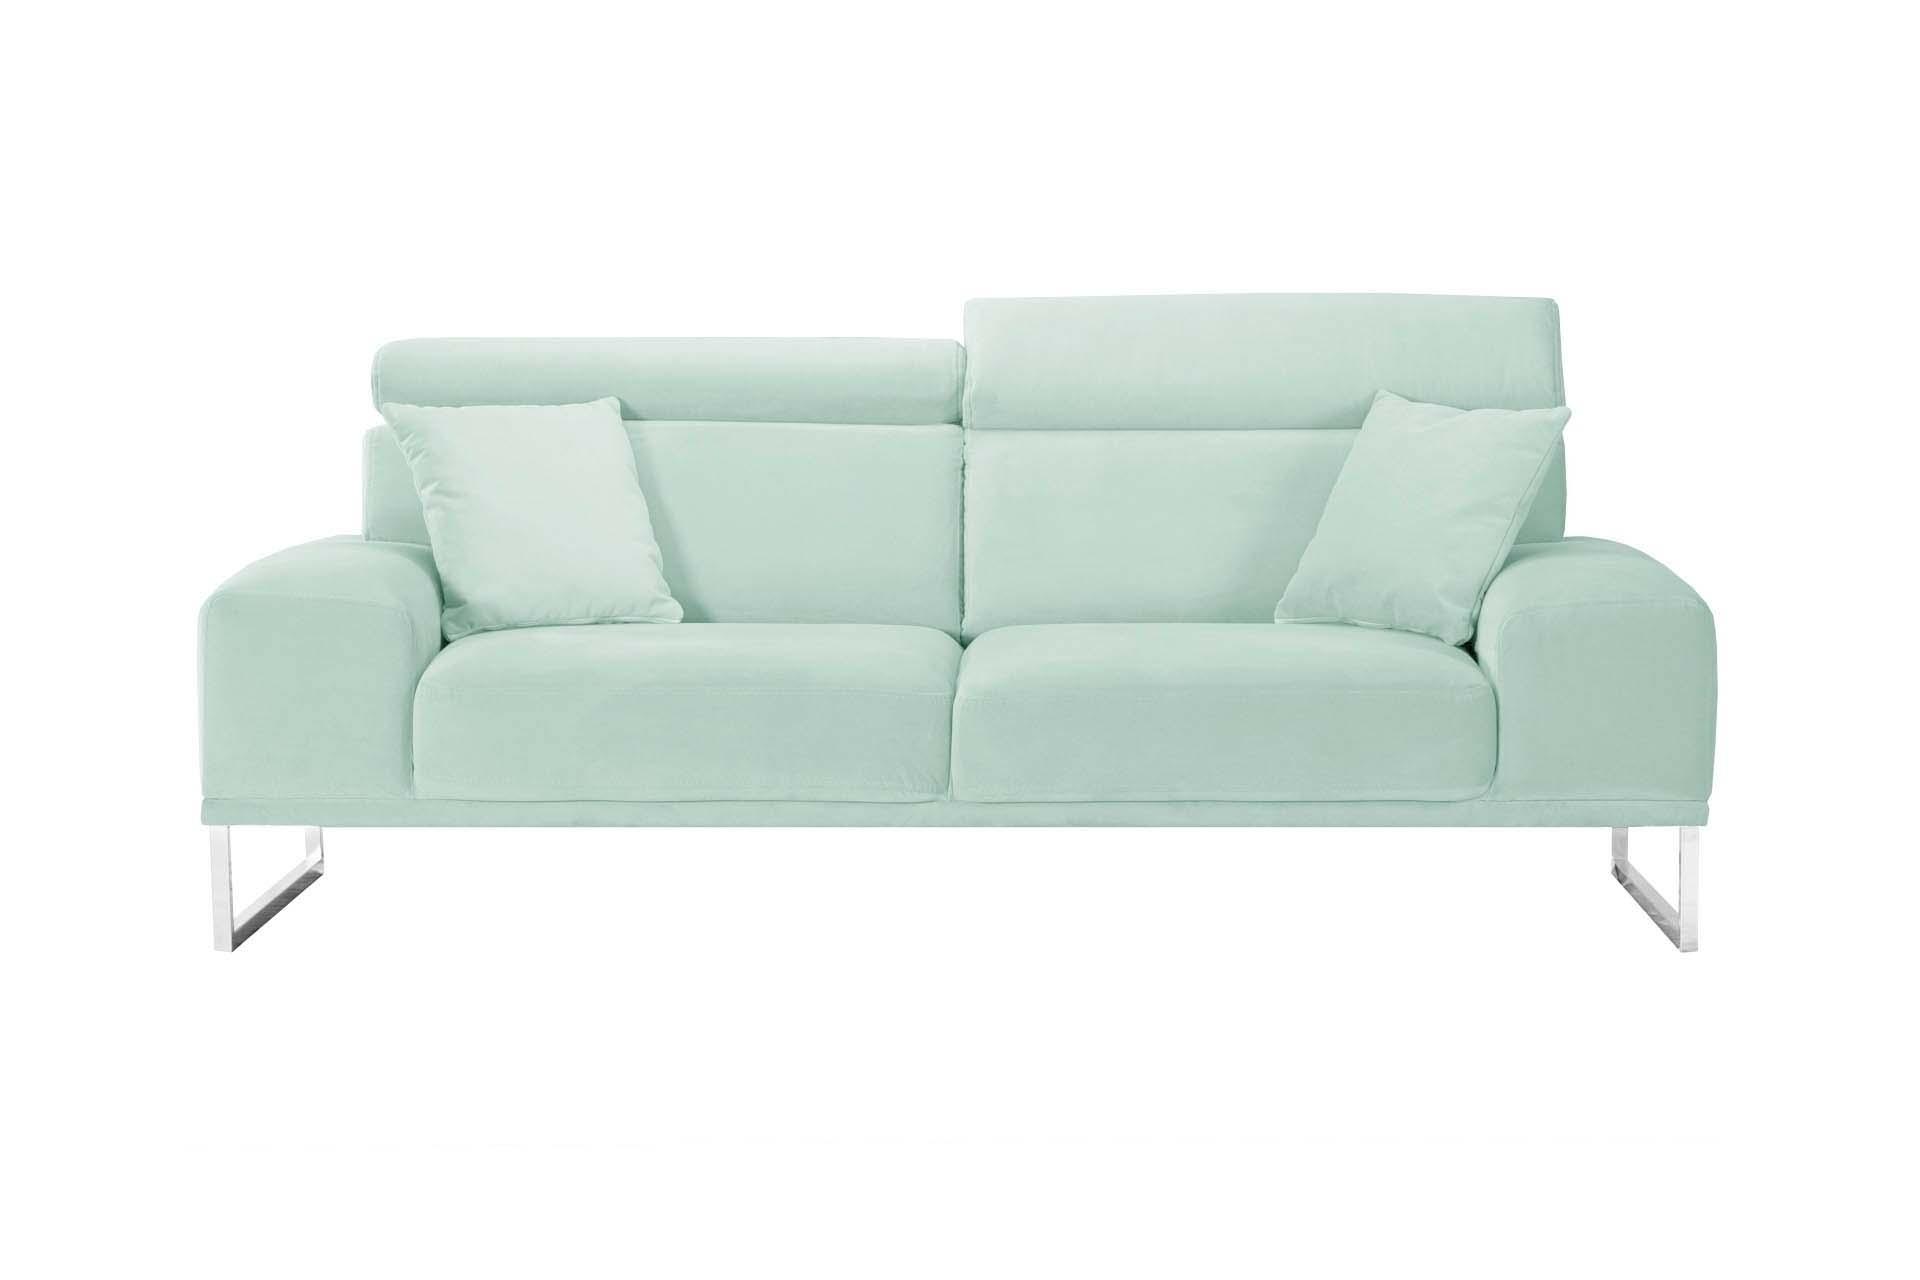 Canapé 3 places en velours menthe pastel